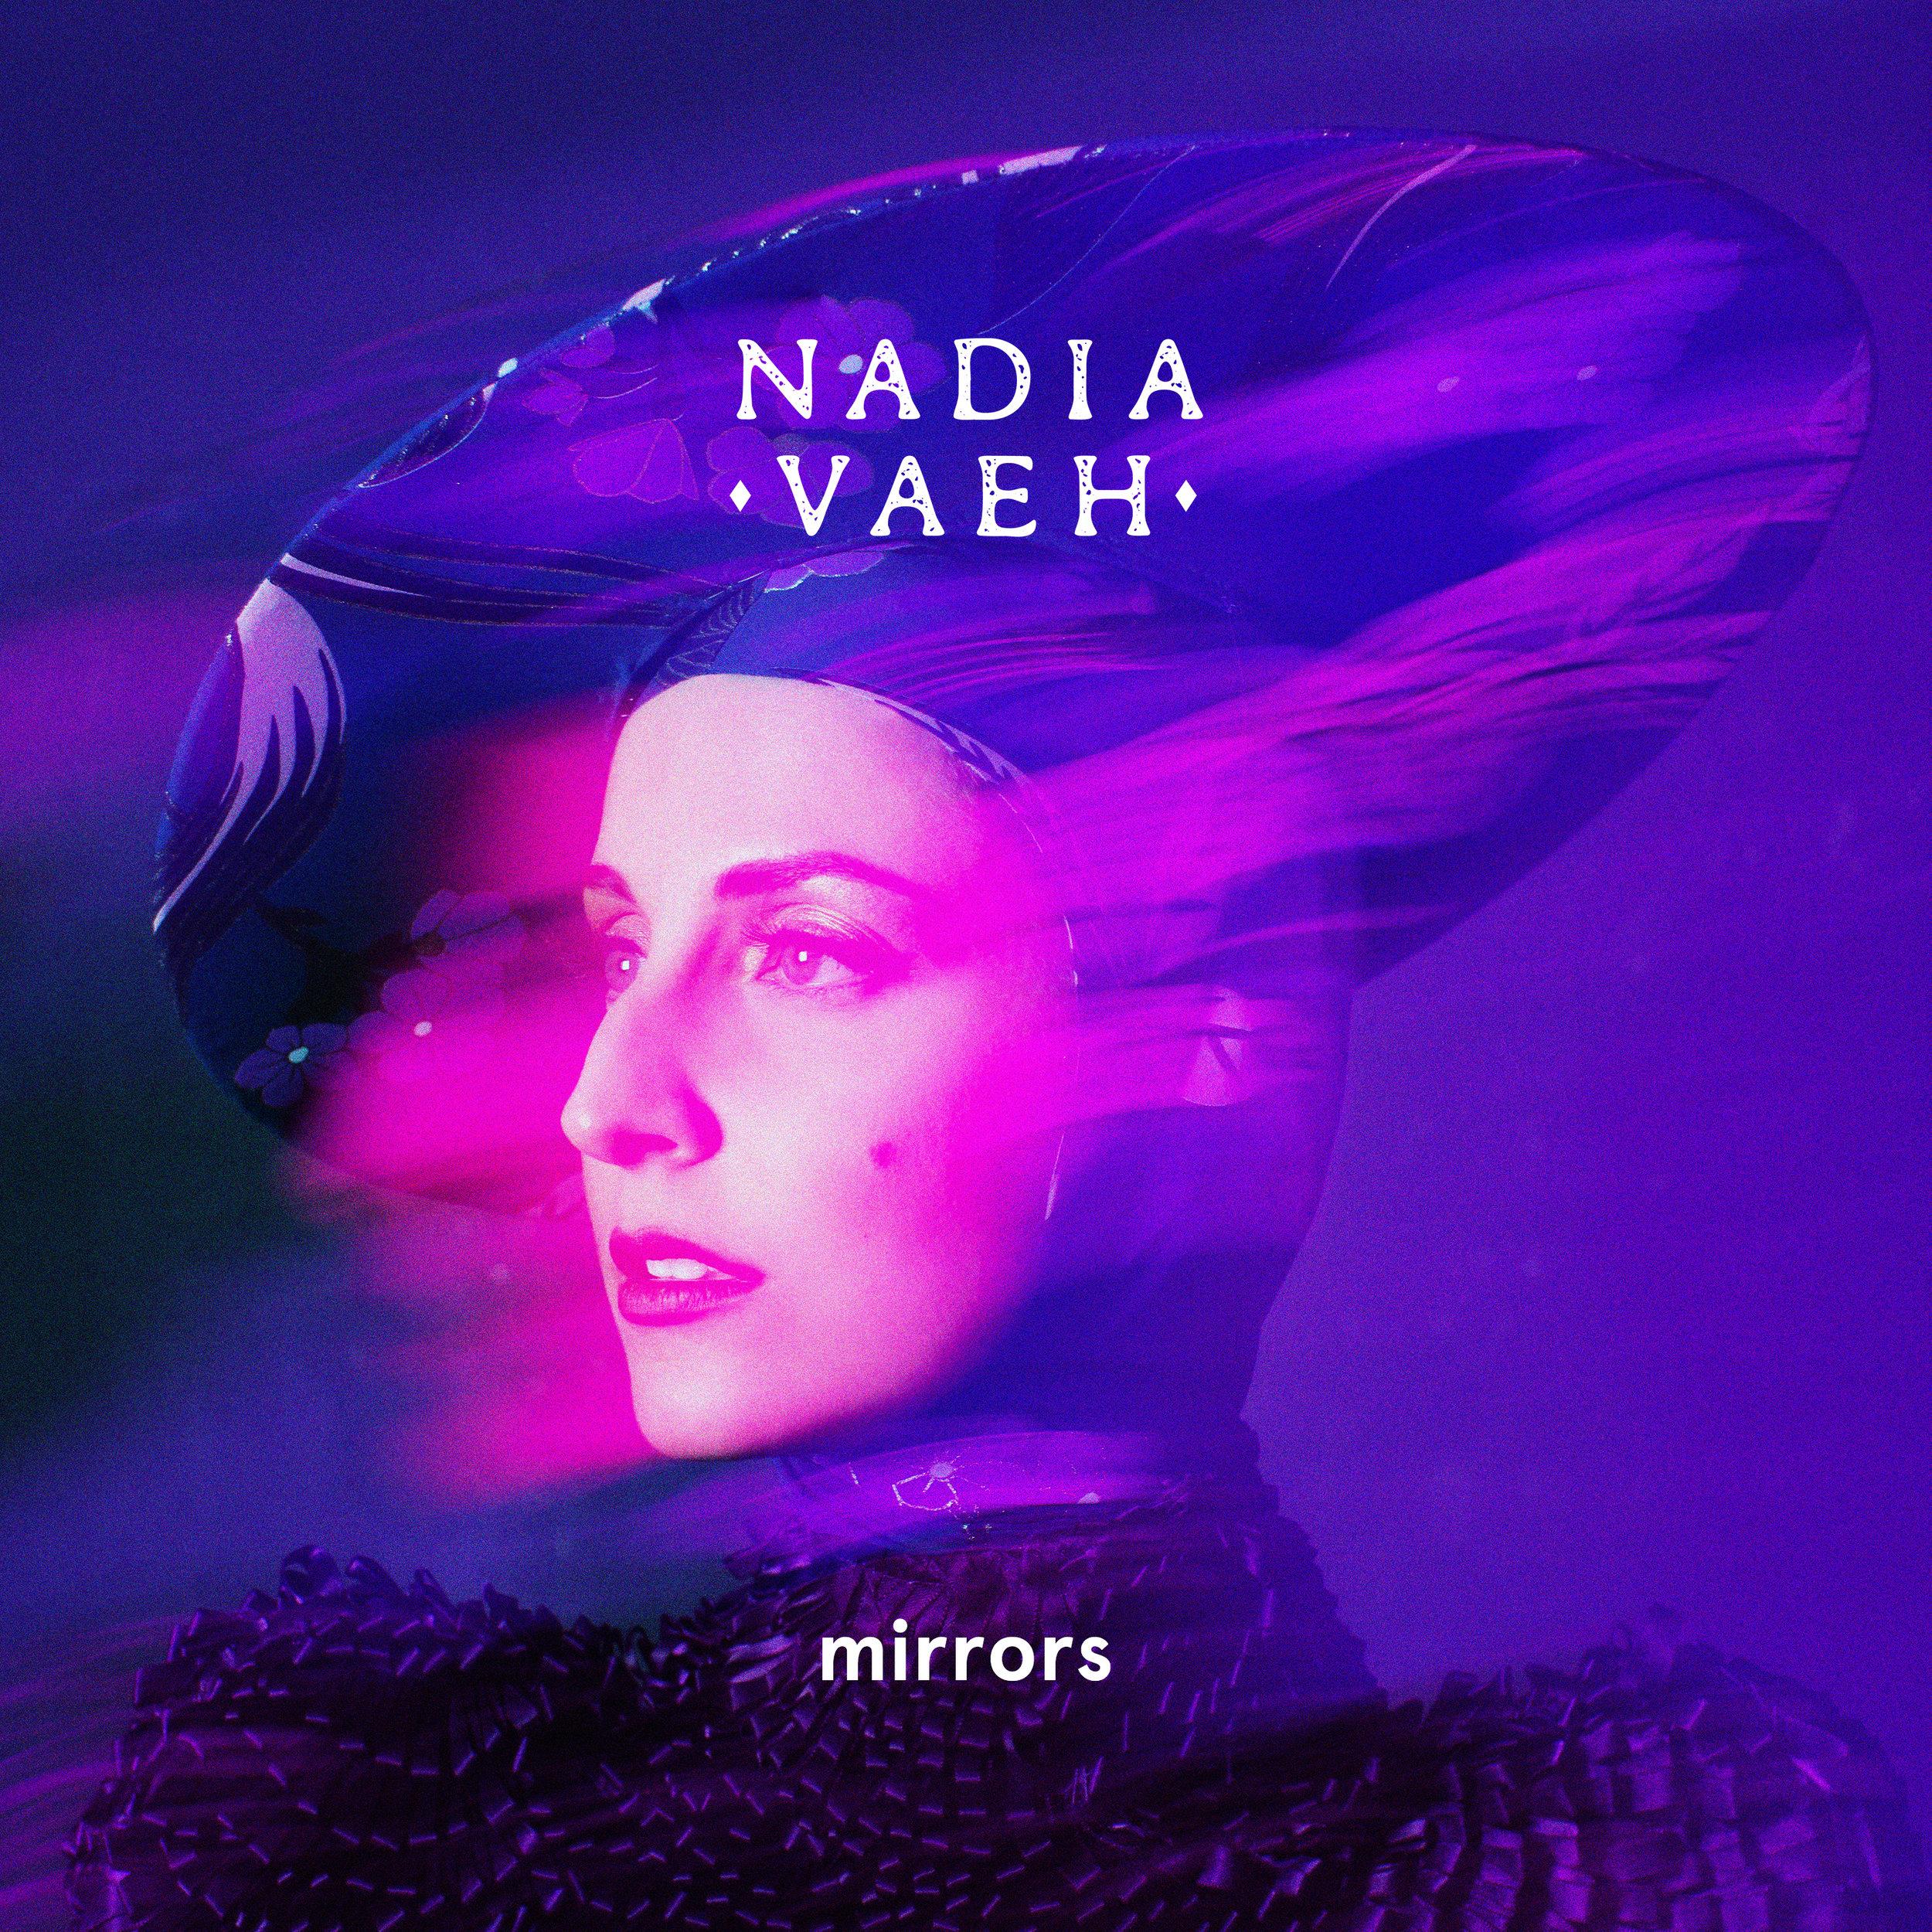 Nadia Vaeh Mirrors